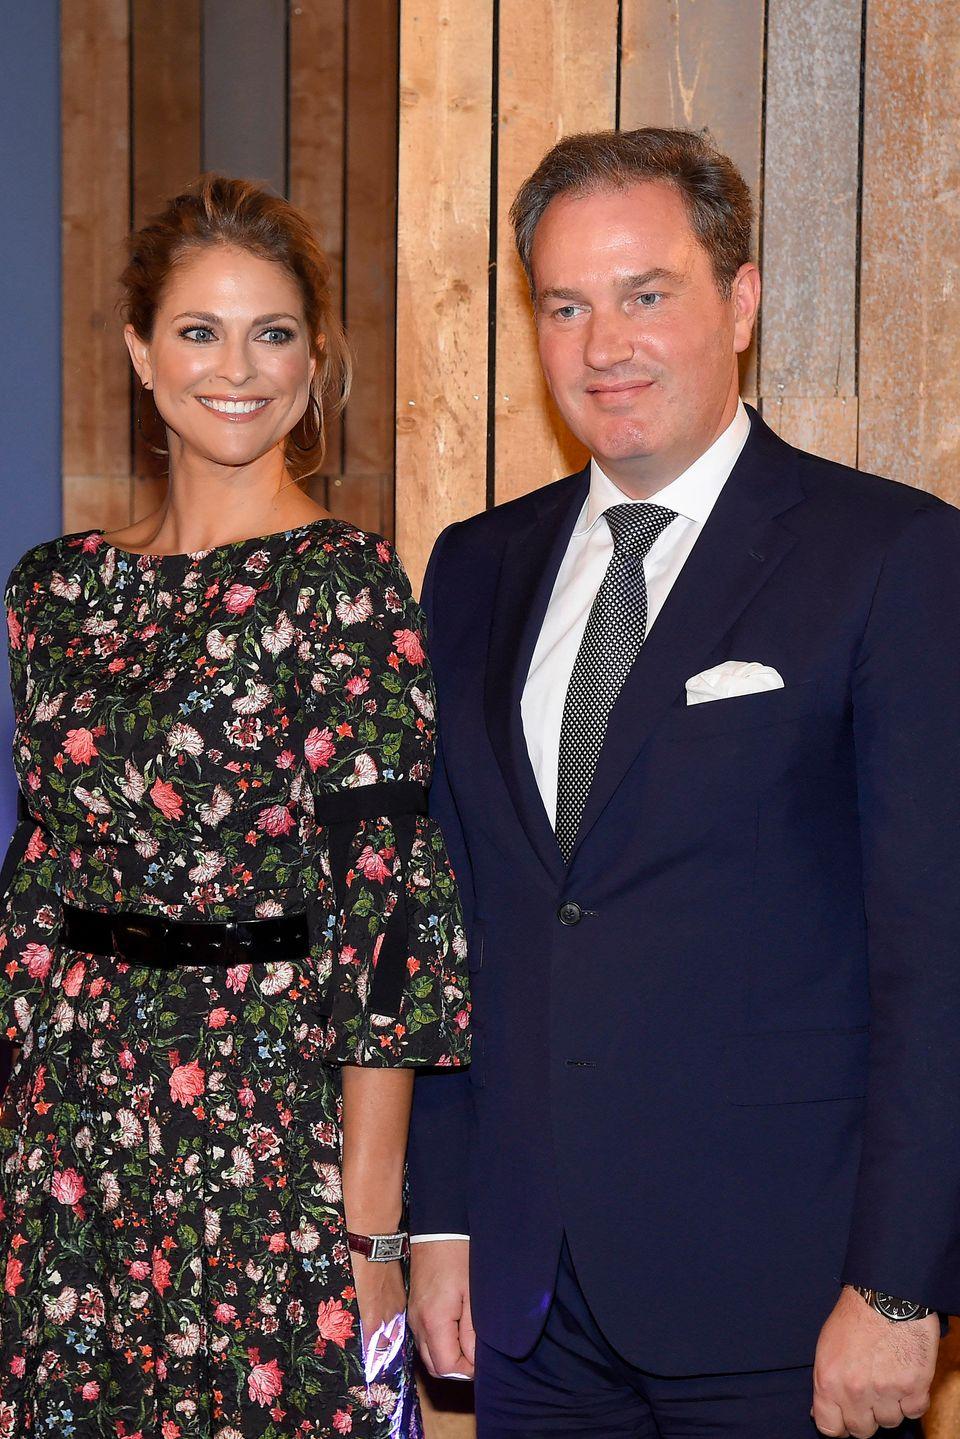 Königin Silvias jüngste TochterPrinzessin Madeleine ist mit ihrem Ehemann Chris O'Neill extra aus Florida angereist.